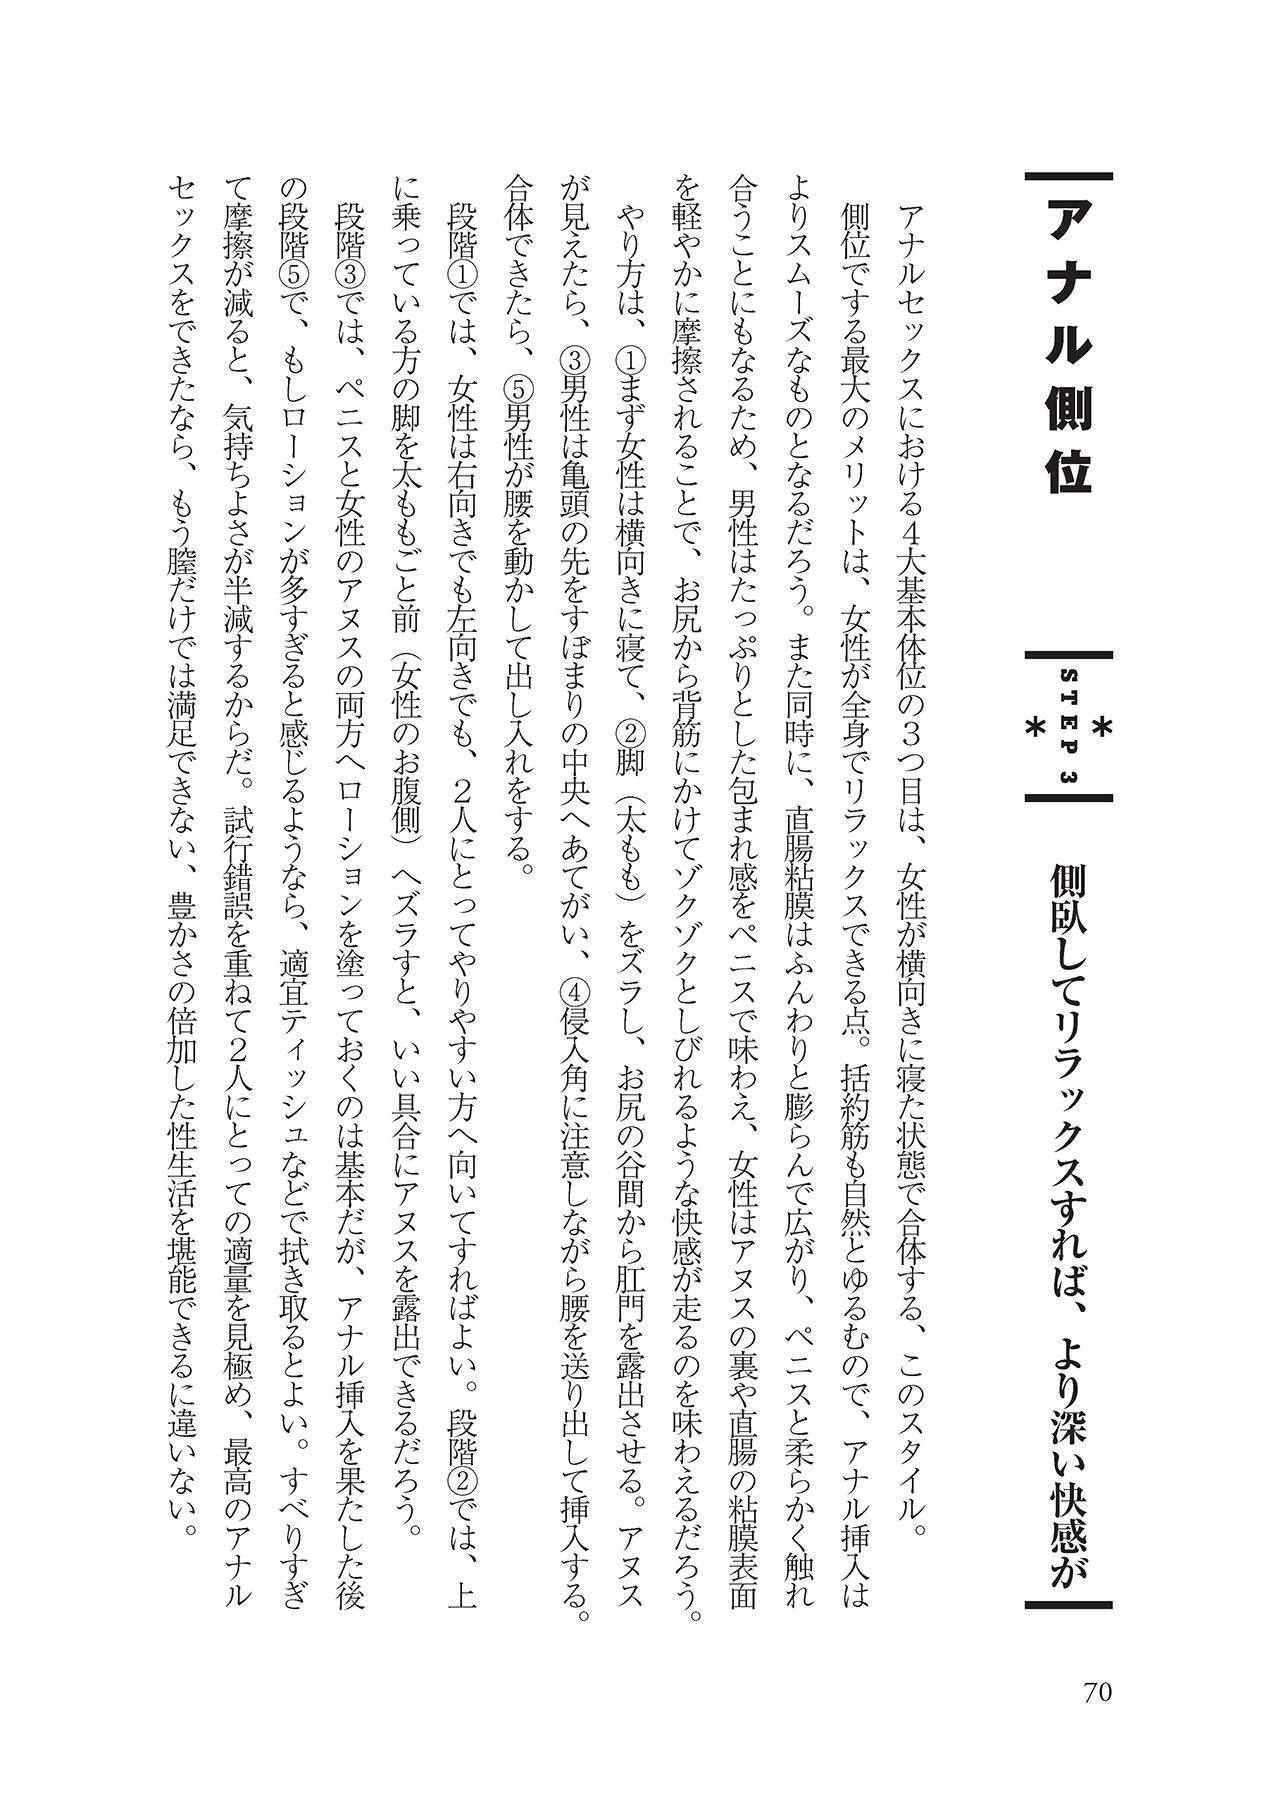 アナル性感開発・お尻エッチ 完全マニュアル 71